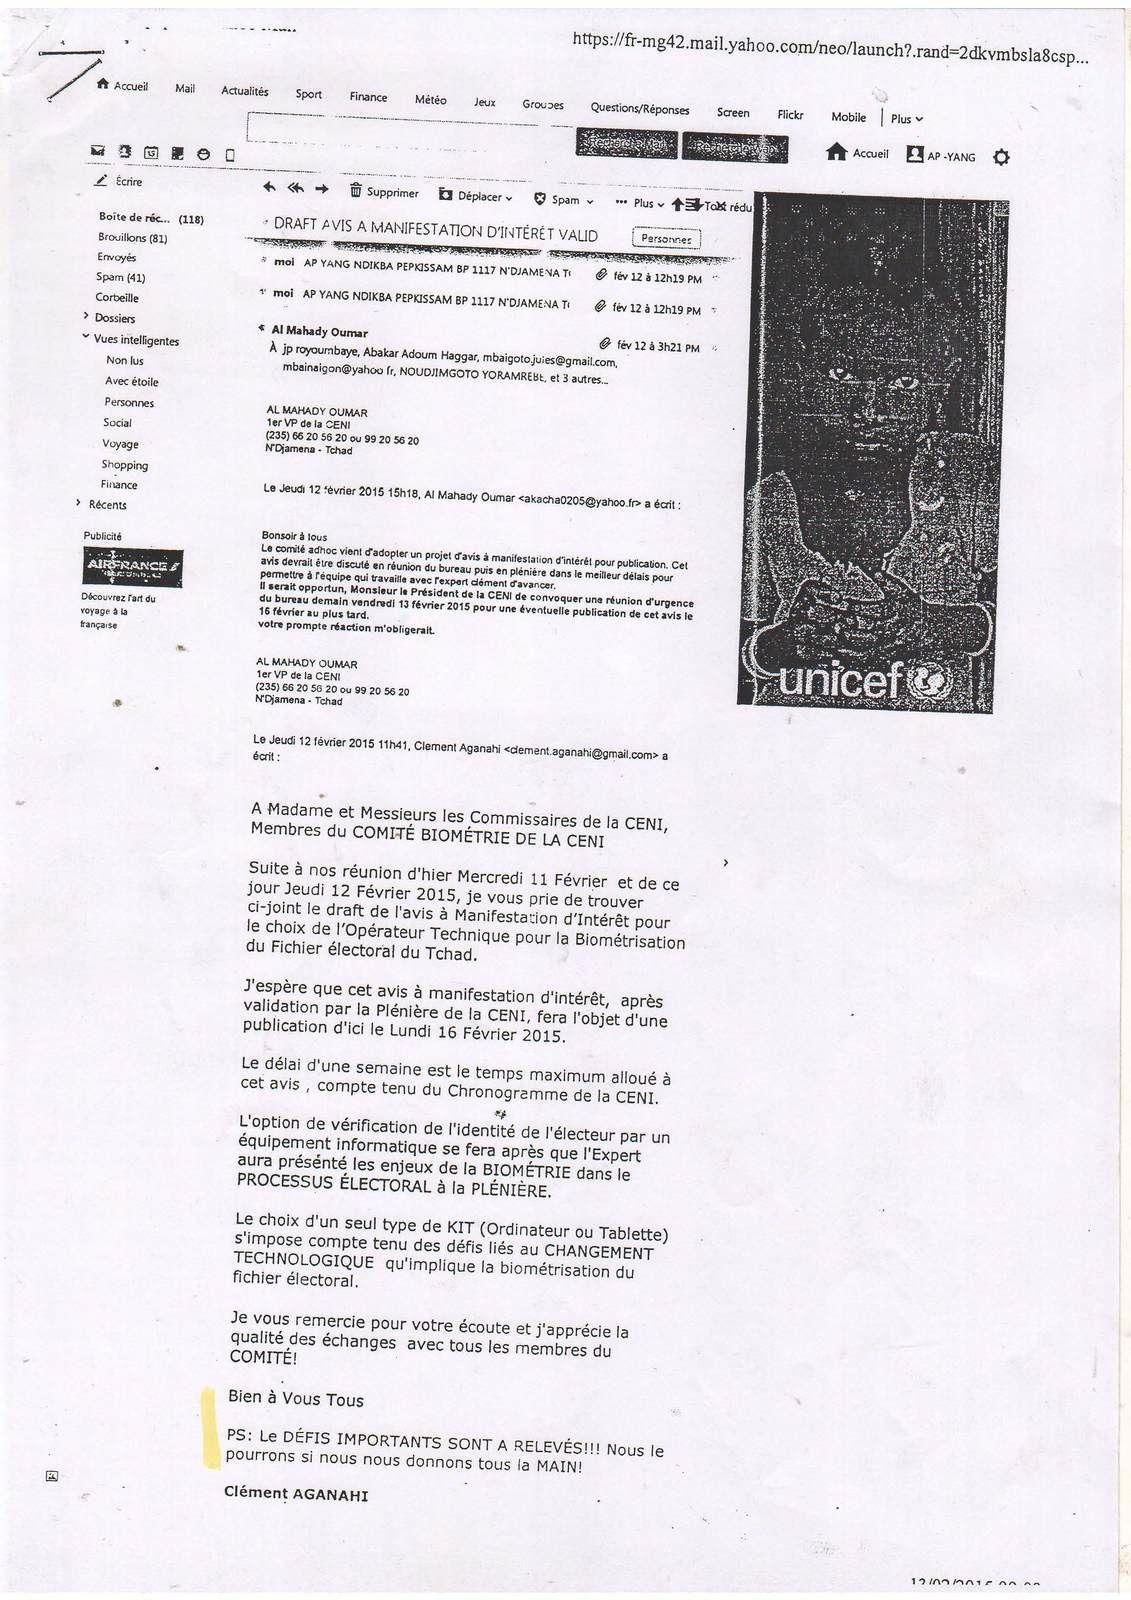 Echange de mails interceptés entre les mercénaires en col blanc Abakar Adoum HAGGAR et Clément AGANAHI